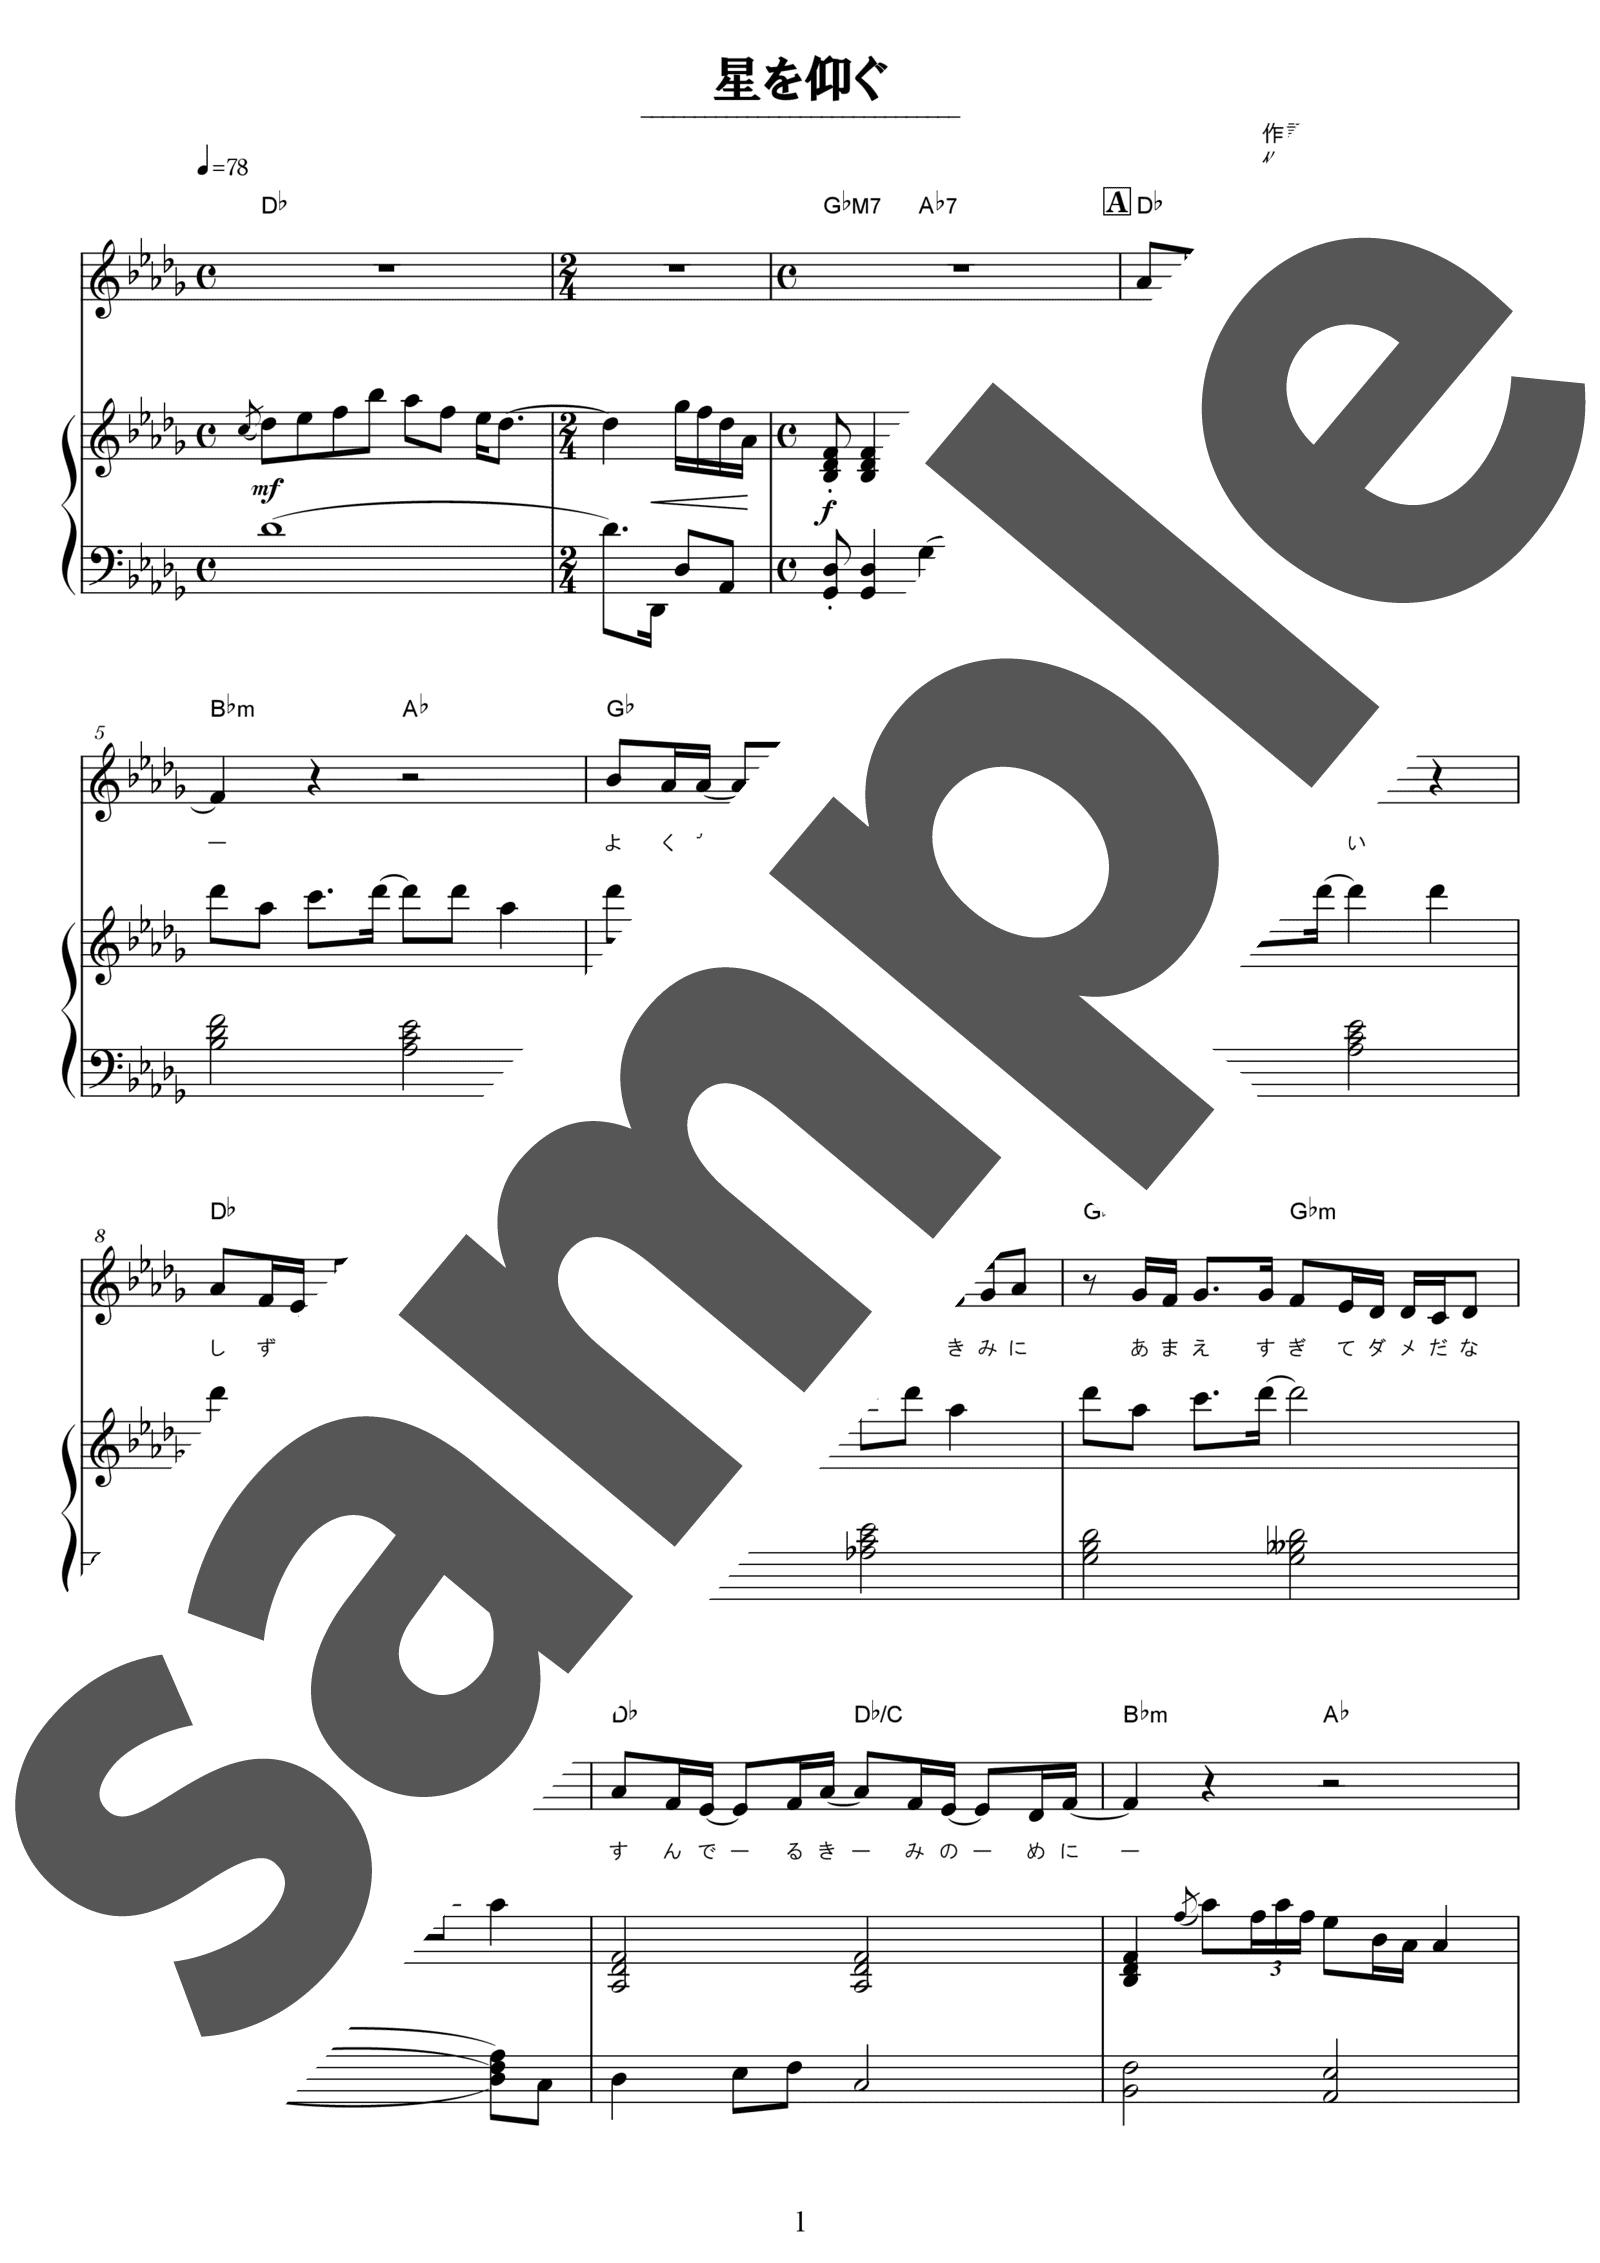 「星を仰ぐ」のサンプル楽譜